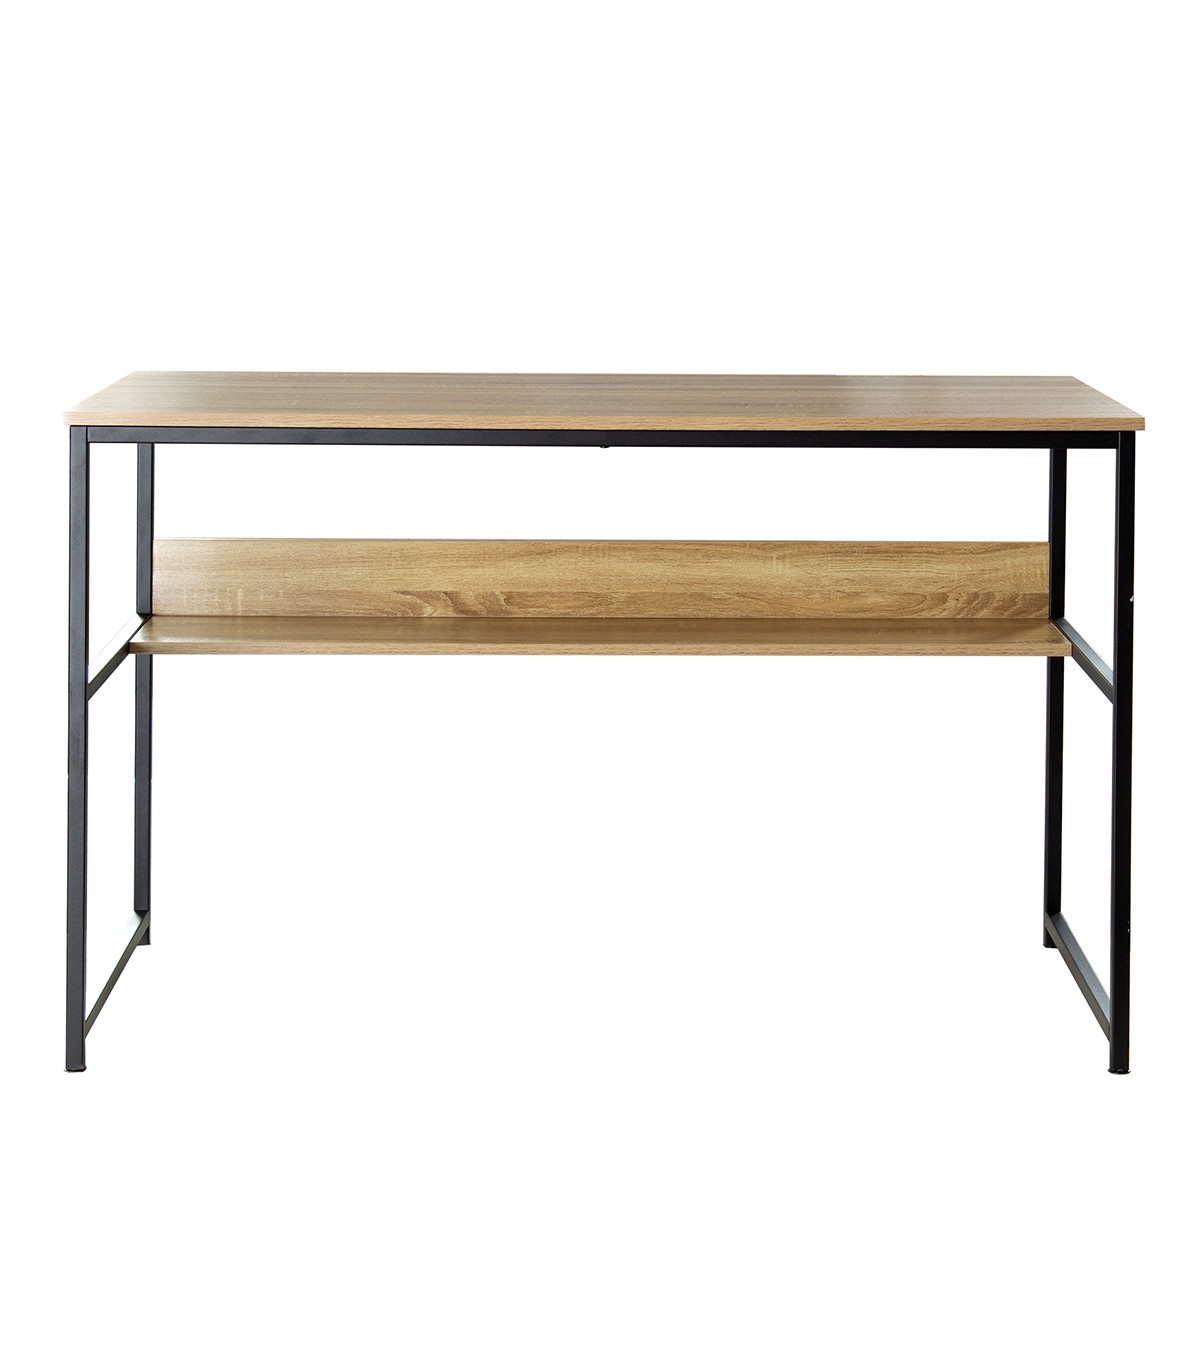 Bureau avec étagère métal style industriel - Marron